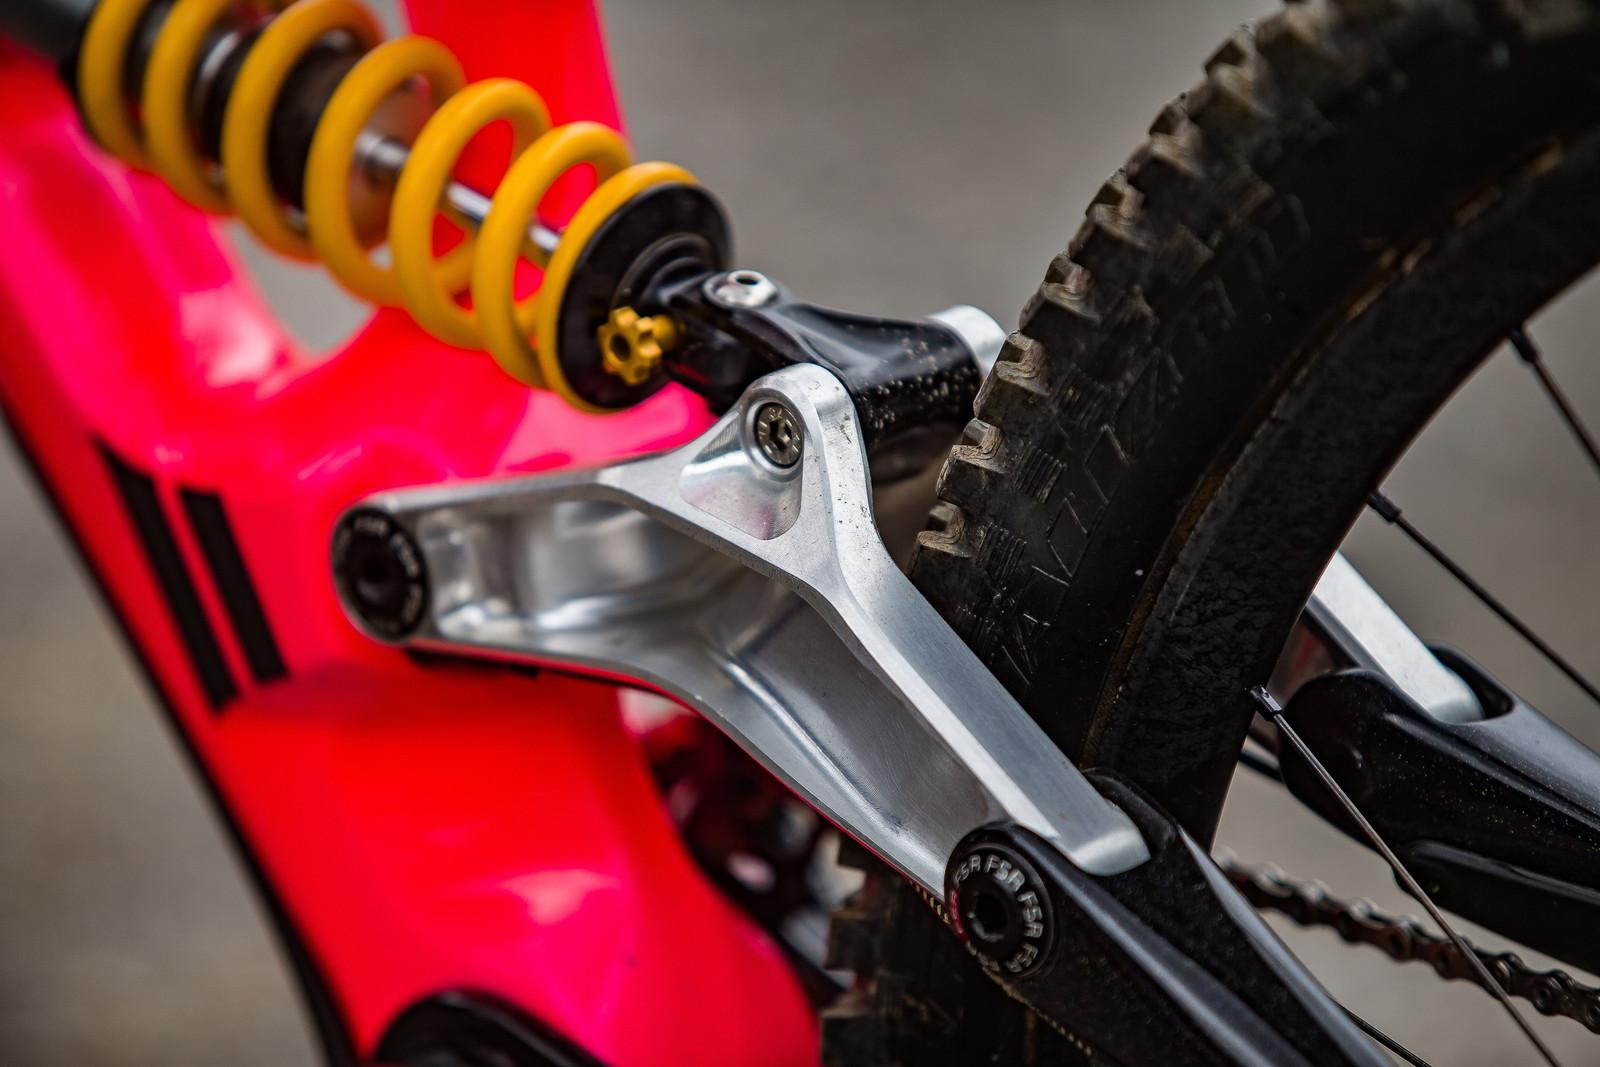 Custom Swing Link - WINNING BIKE: Finn Iles' Specialized S-Works Demo - Mountain Biking Pictures - Vital MTB